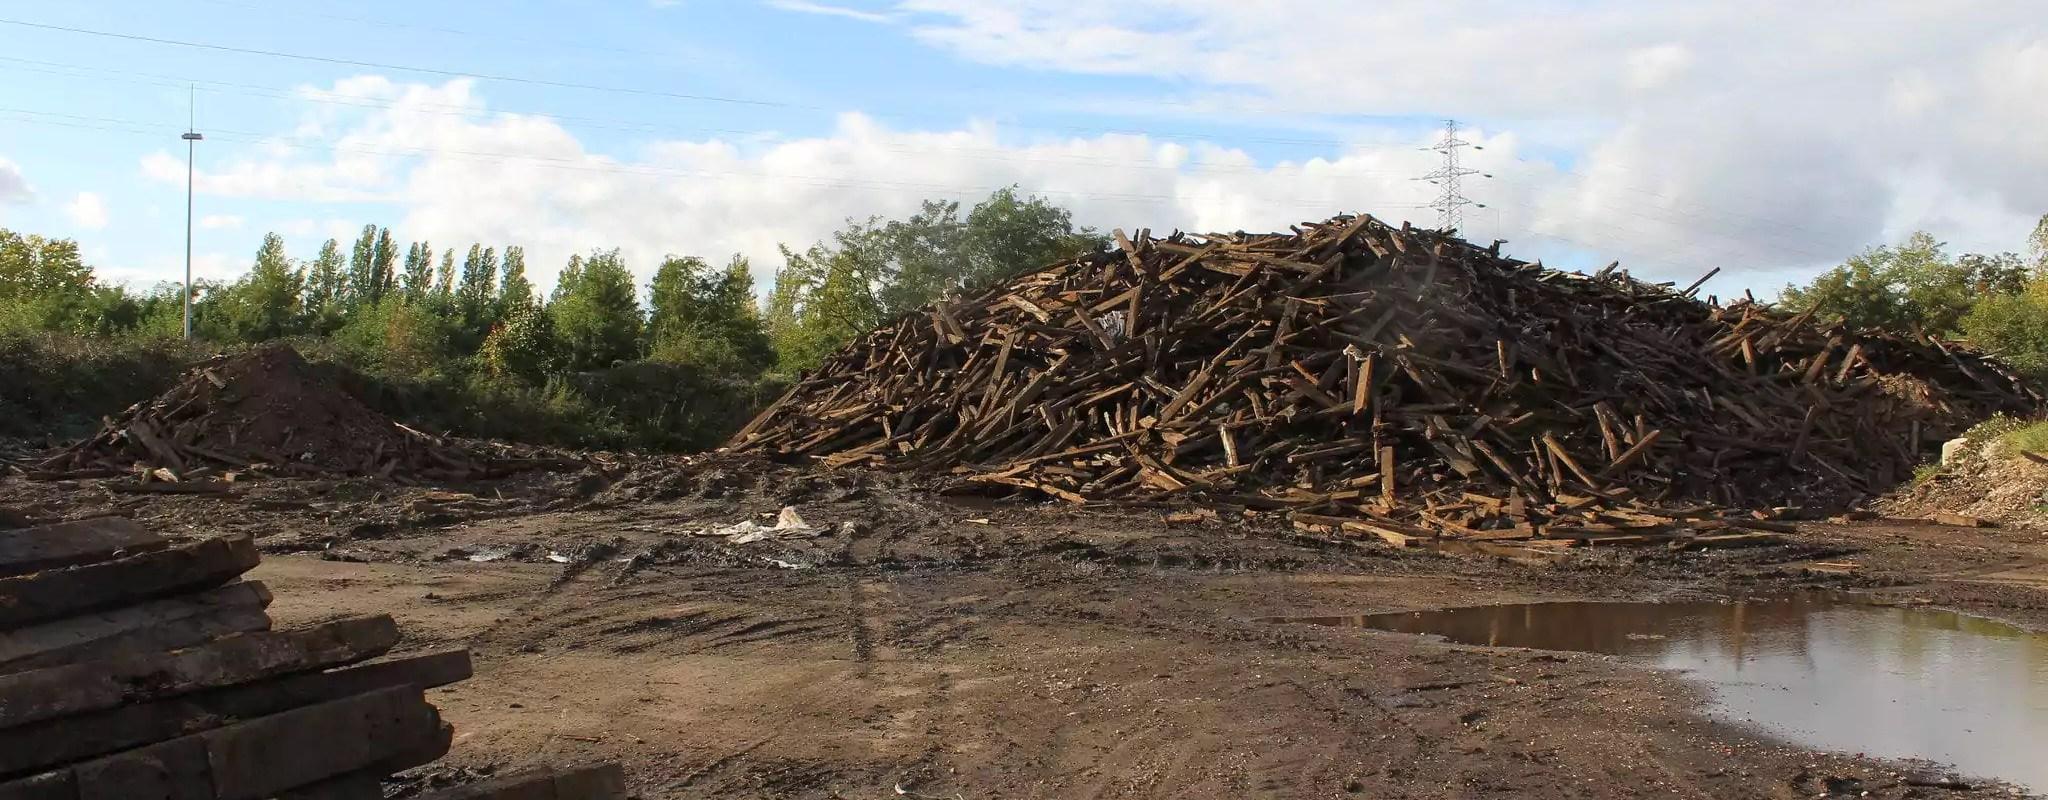 Bois toxique au Port du Rhin: les traverses seront brulées pour chauffer Berlin